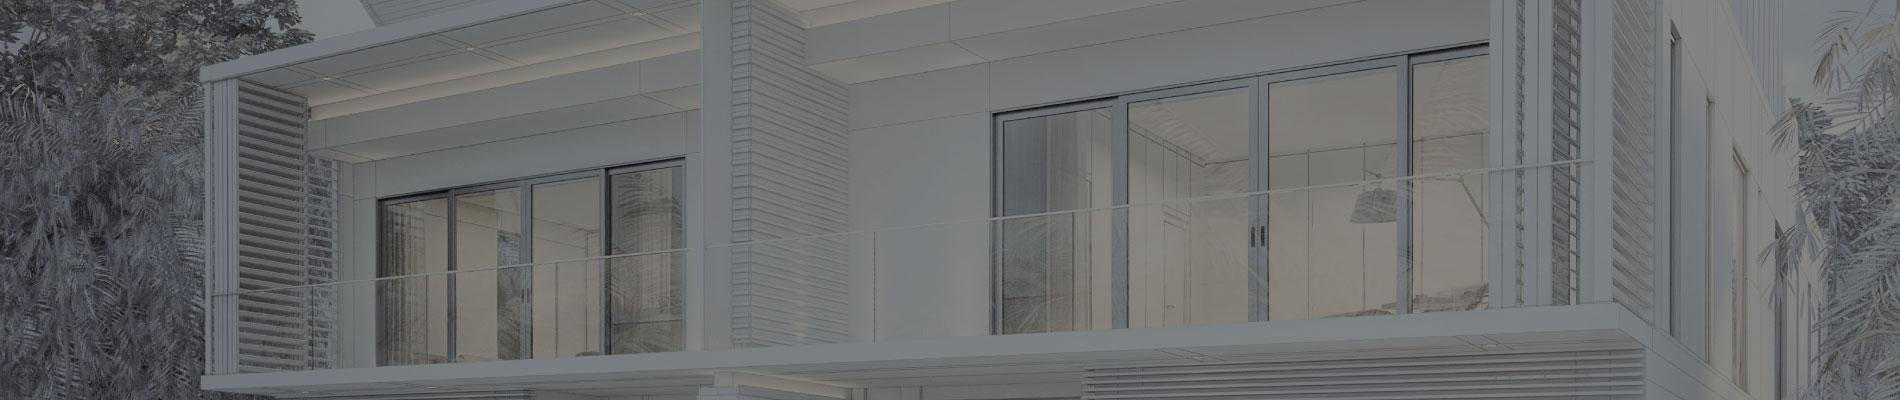 Light |Online Σεμινάριο  V-Ray 4.2 for 3D Studio Max